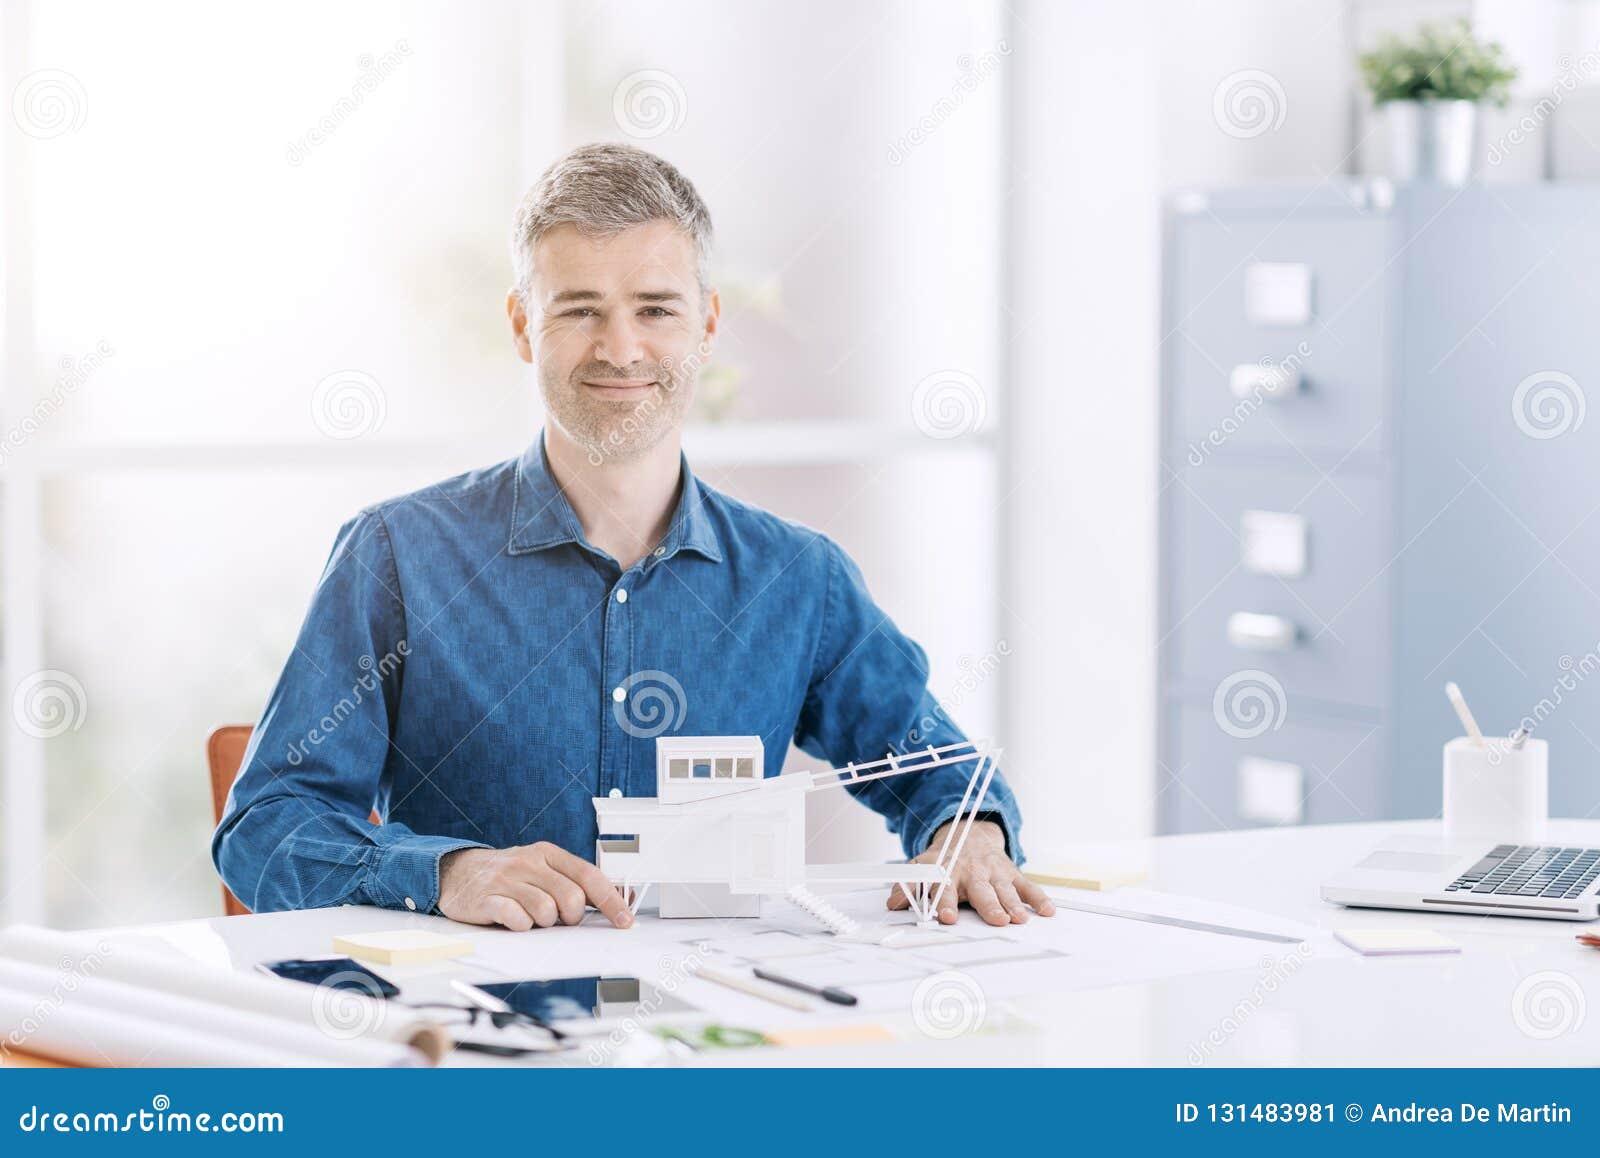 Architecte professionnel posant dans le bureau avec un modèle architectural d un bâtiment contemporain